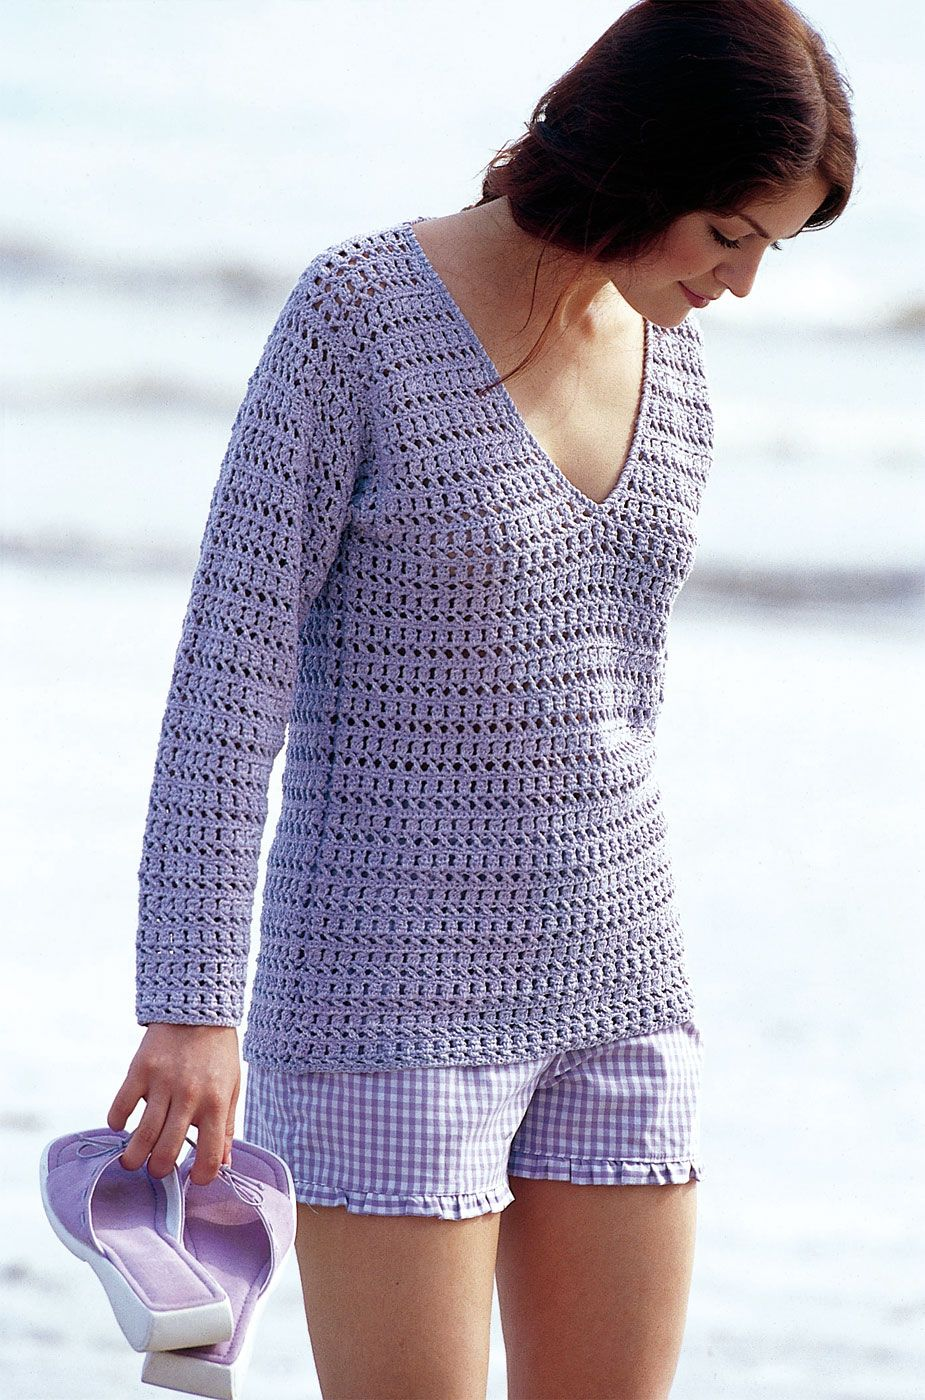 Gehäkelter Damen-Pullover mit V-Ausschnitt | Pullover, Ausschnitt ...